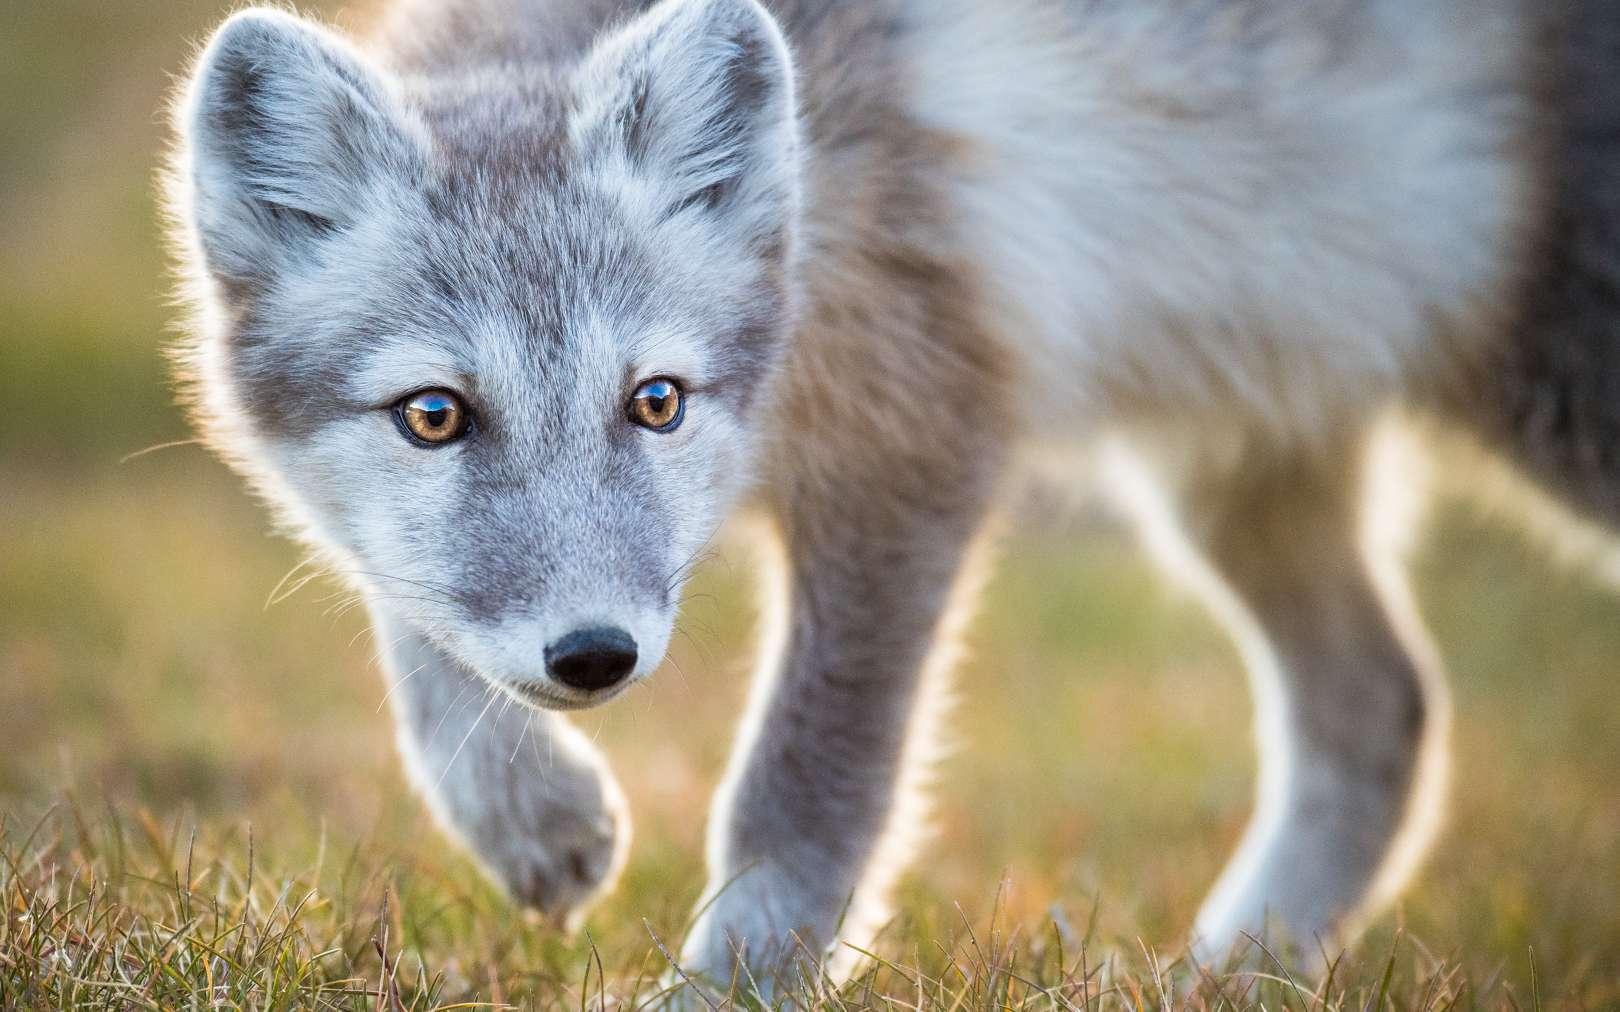 Jeune renard polaire photographié par Florian Ledoux. © Florian Ledoux